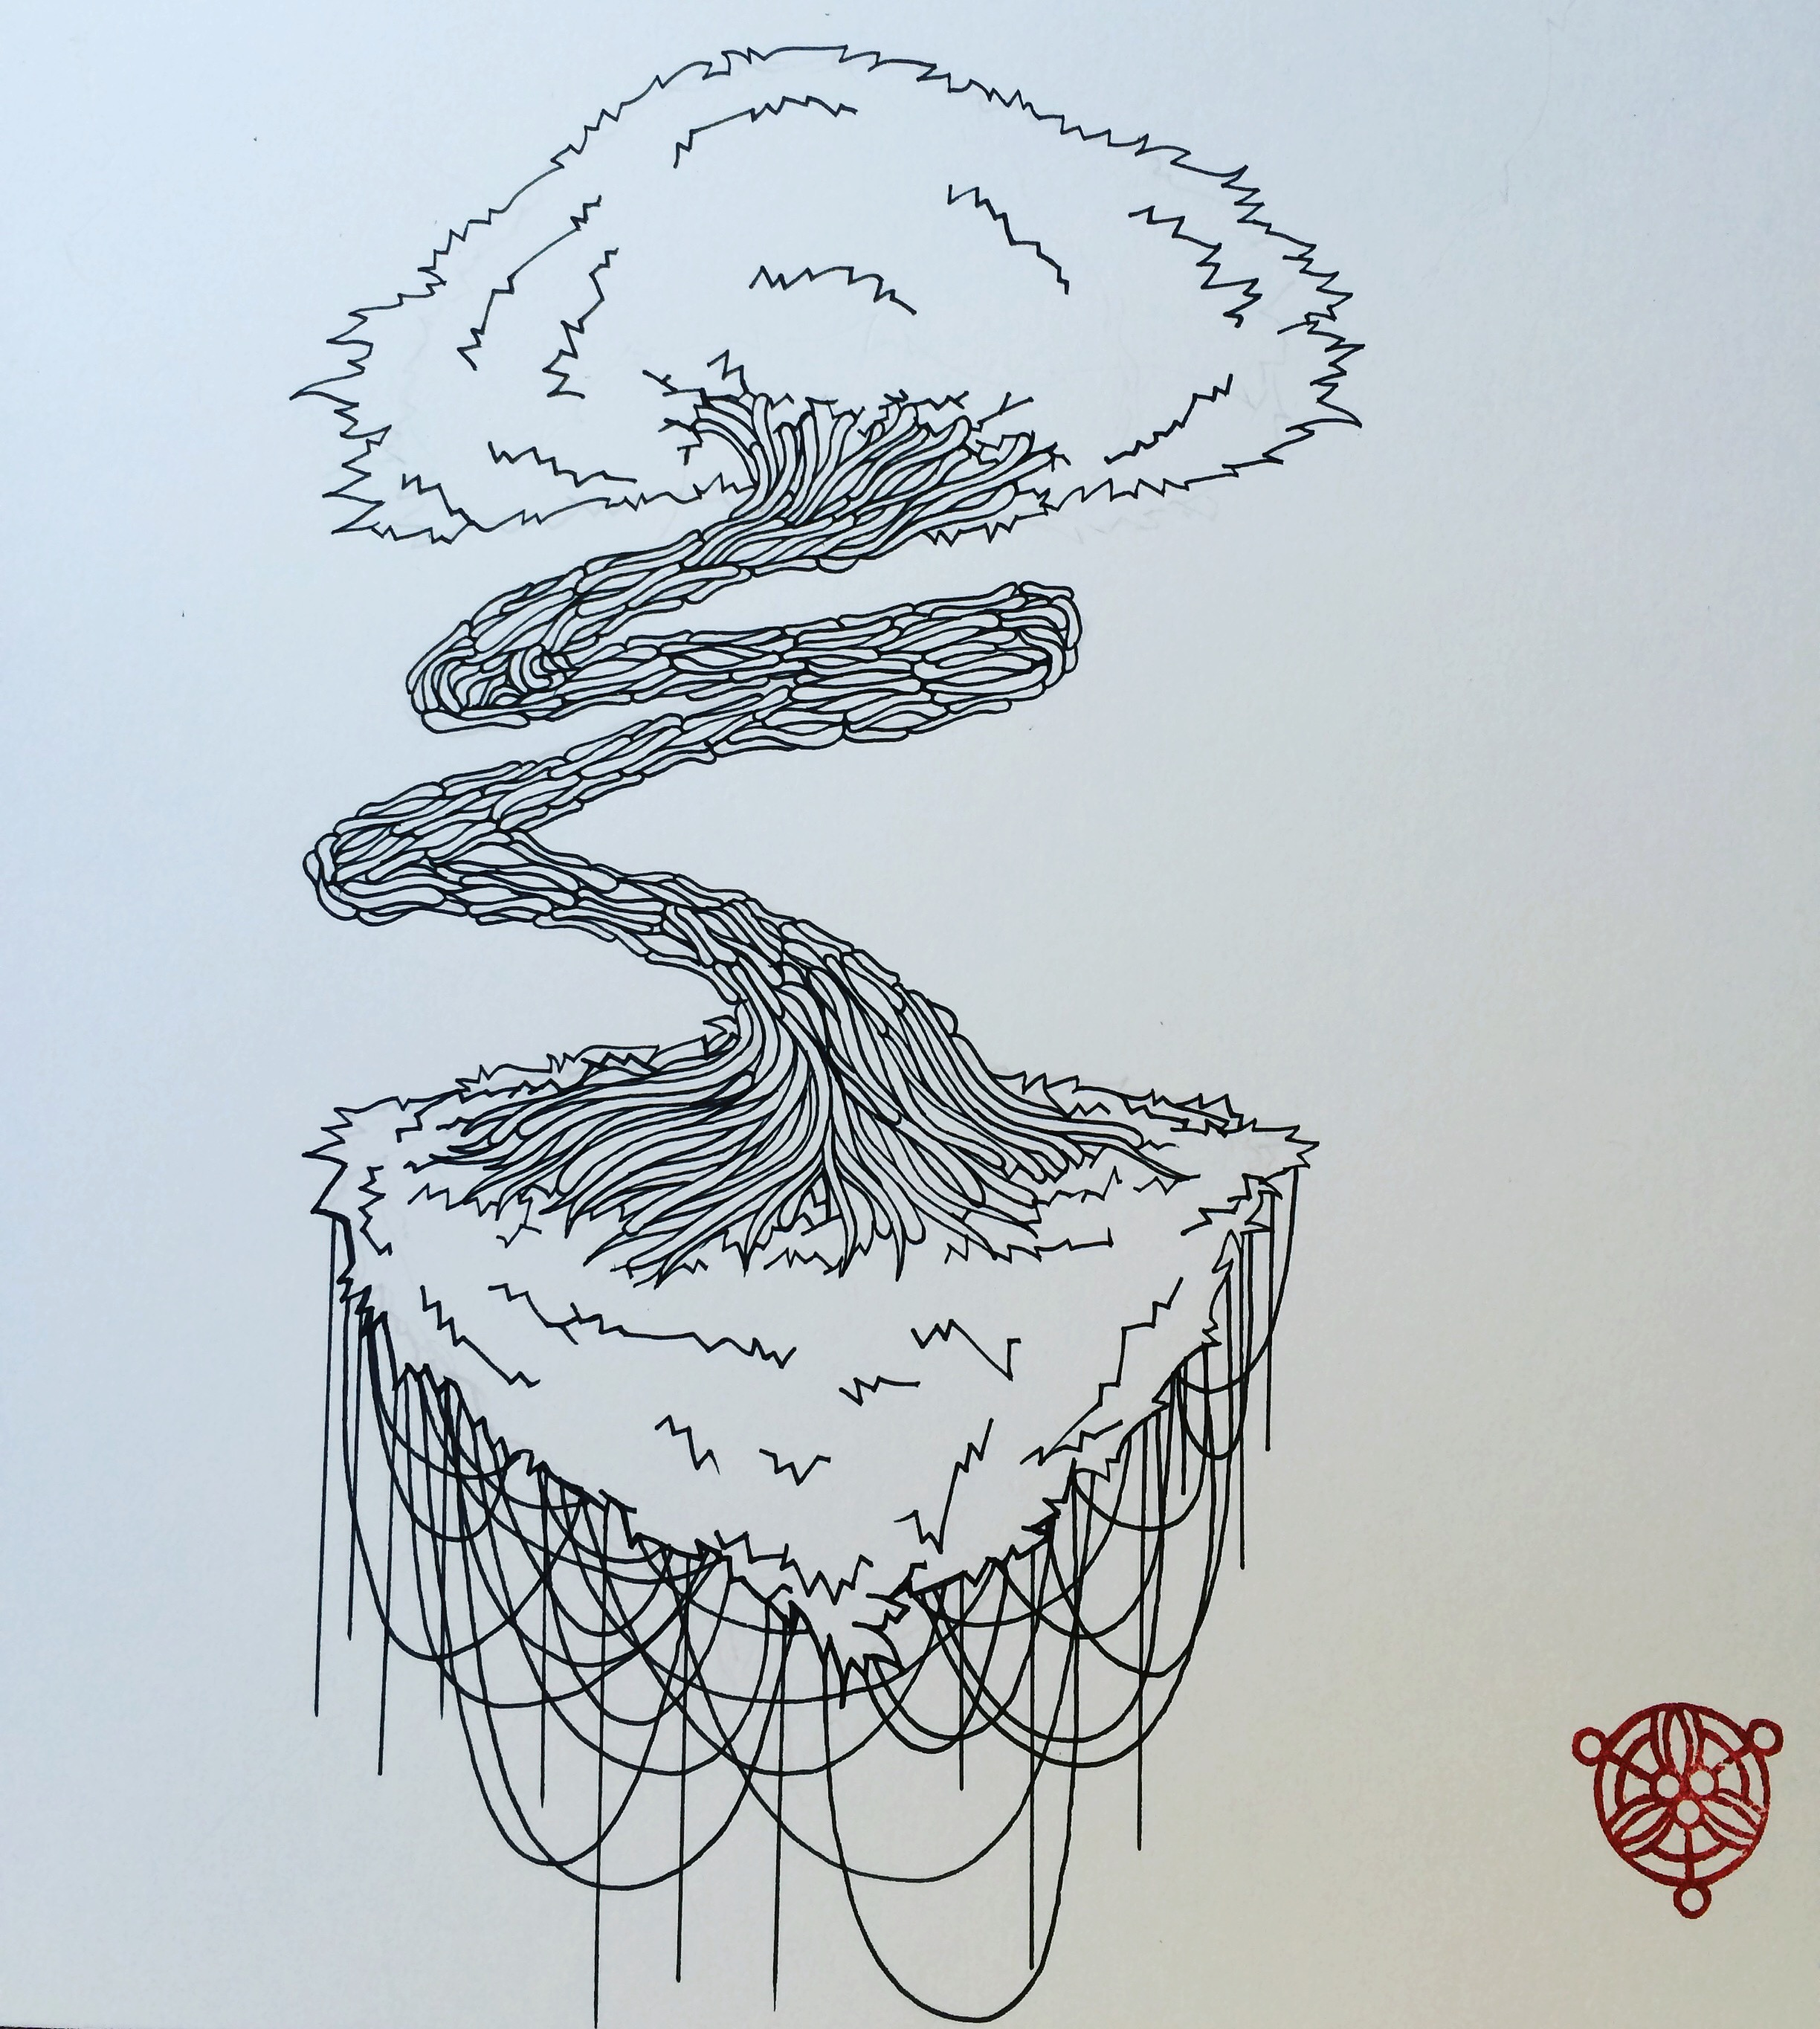 tree showing roots derek hanneman at diakadi.jpeg